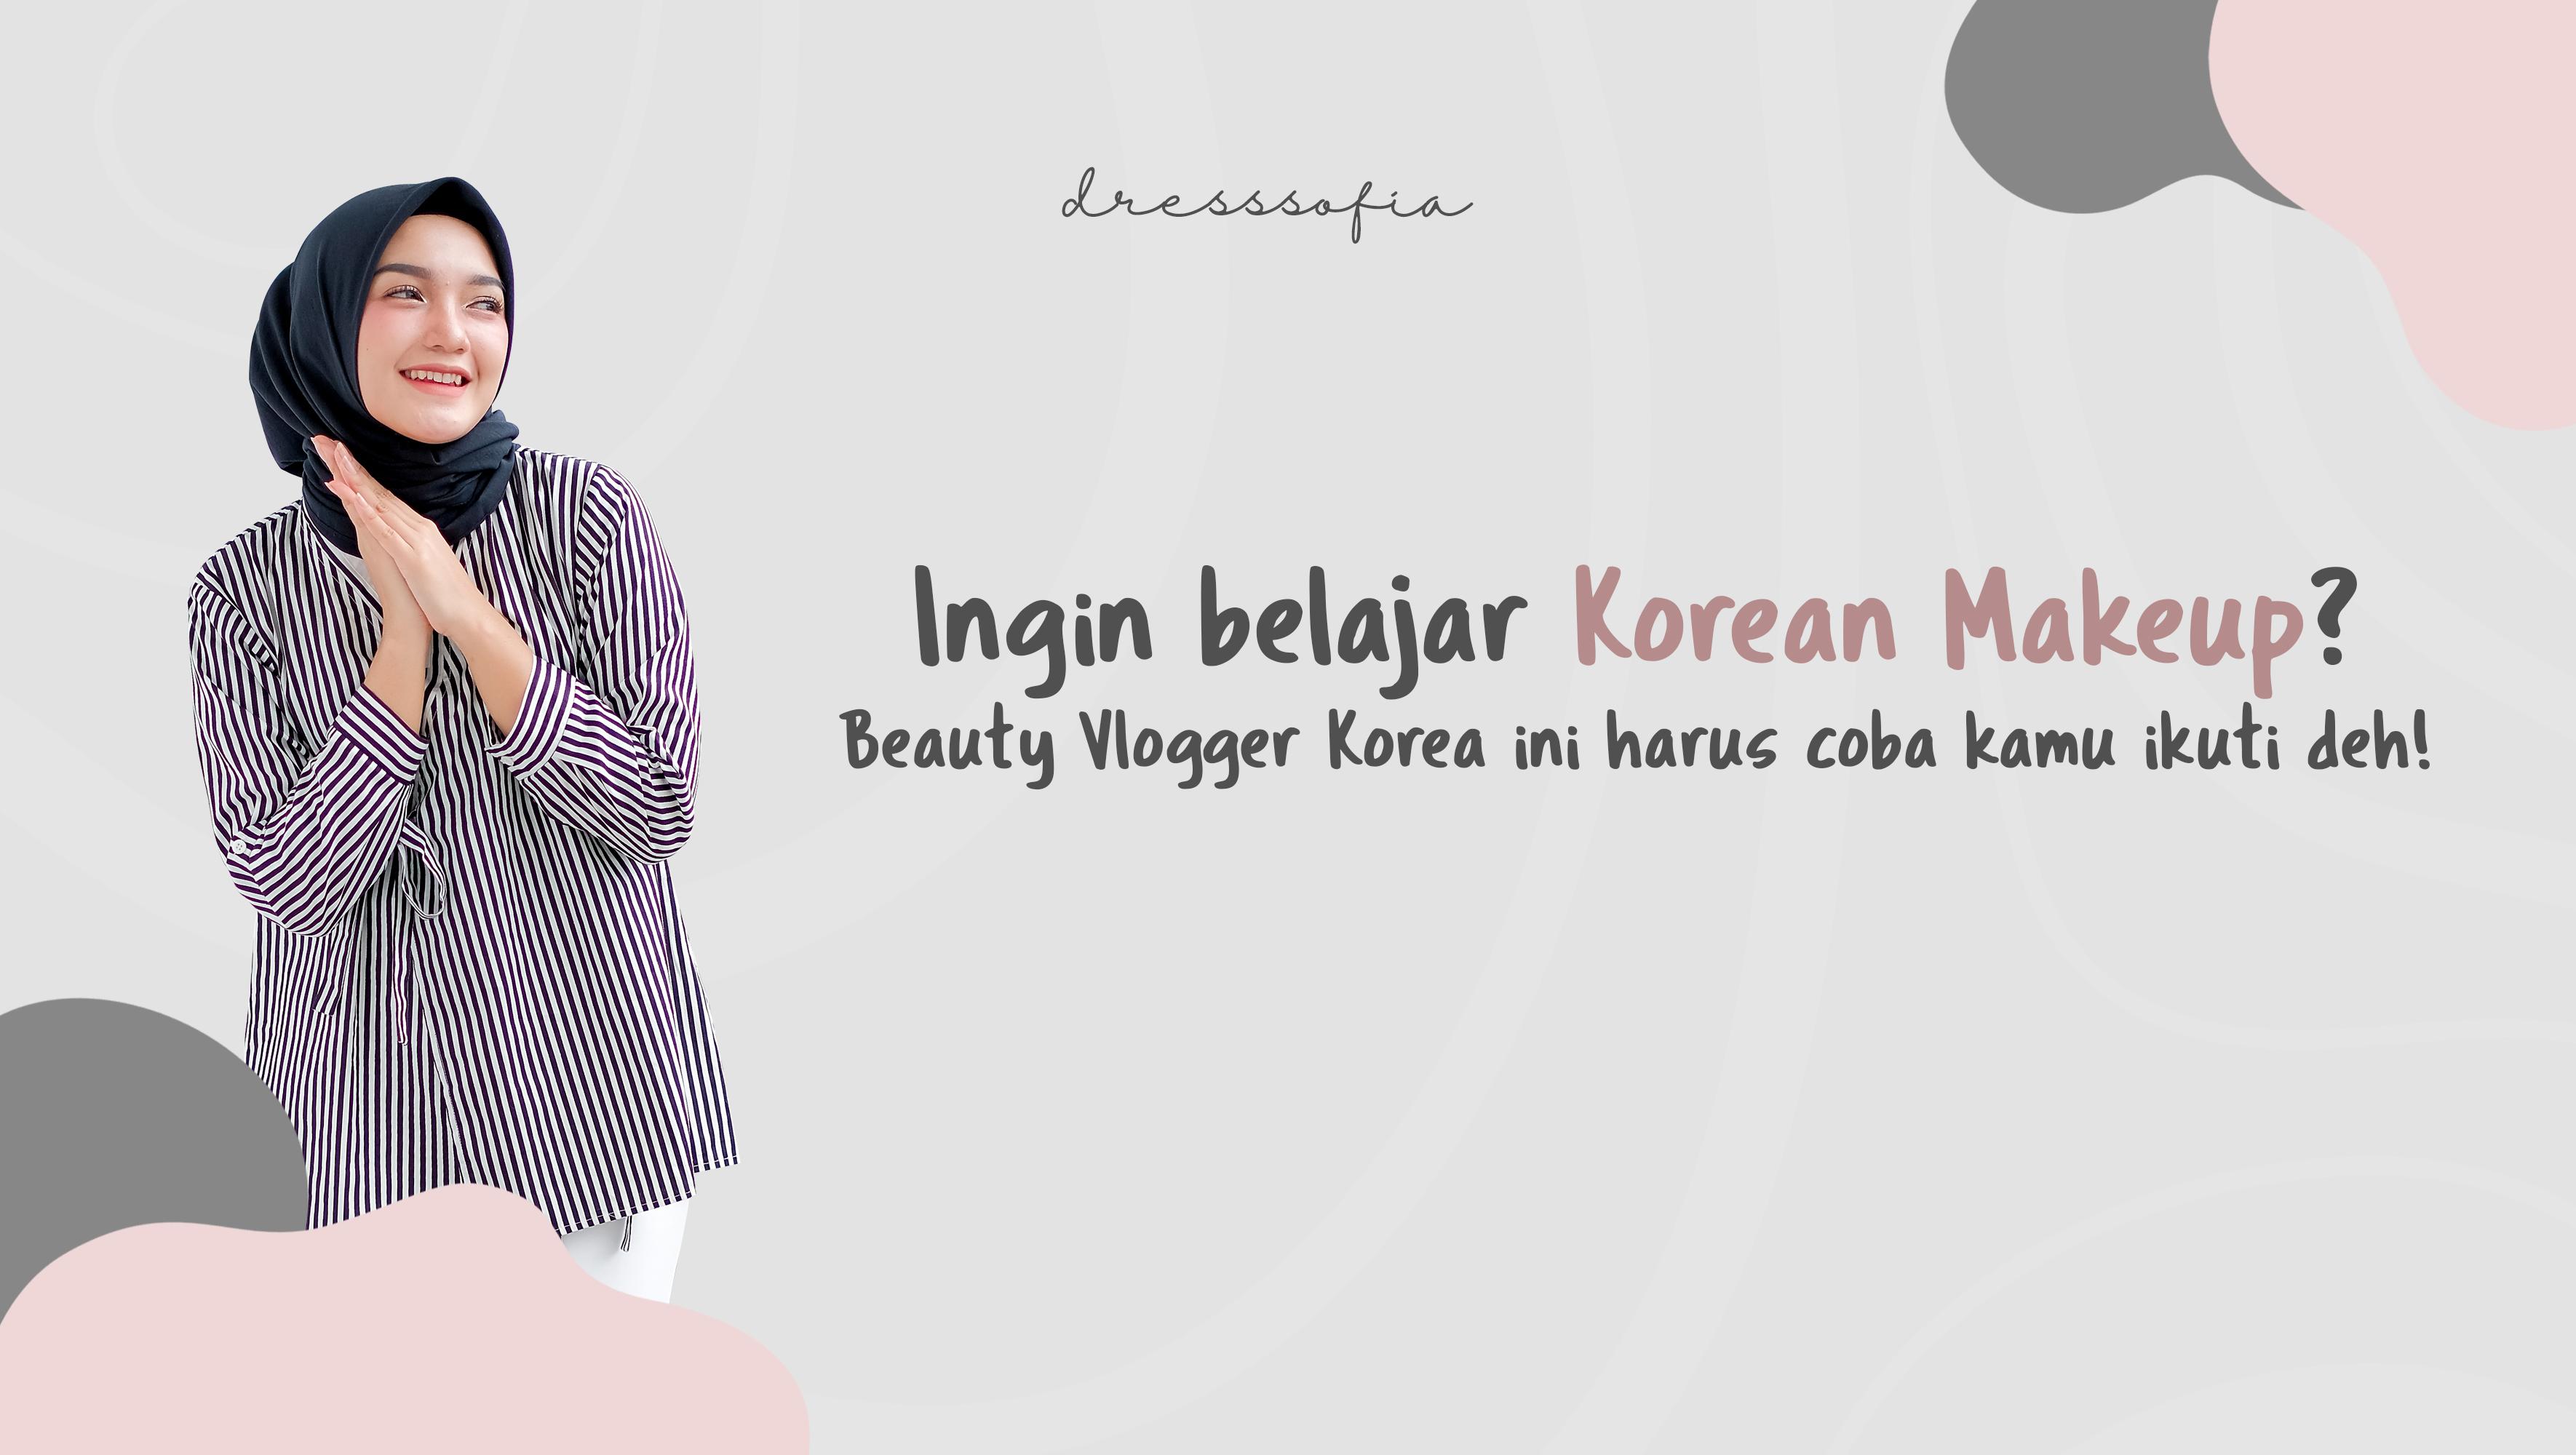 Ingin belajar Korean Makeup? Beauty Vlogger Korea ini harus coba kamu ikuti deh! image